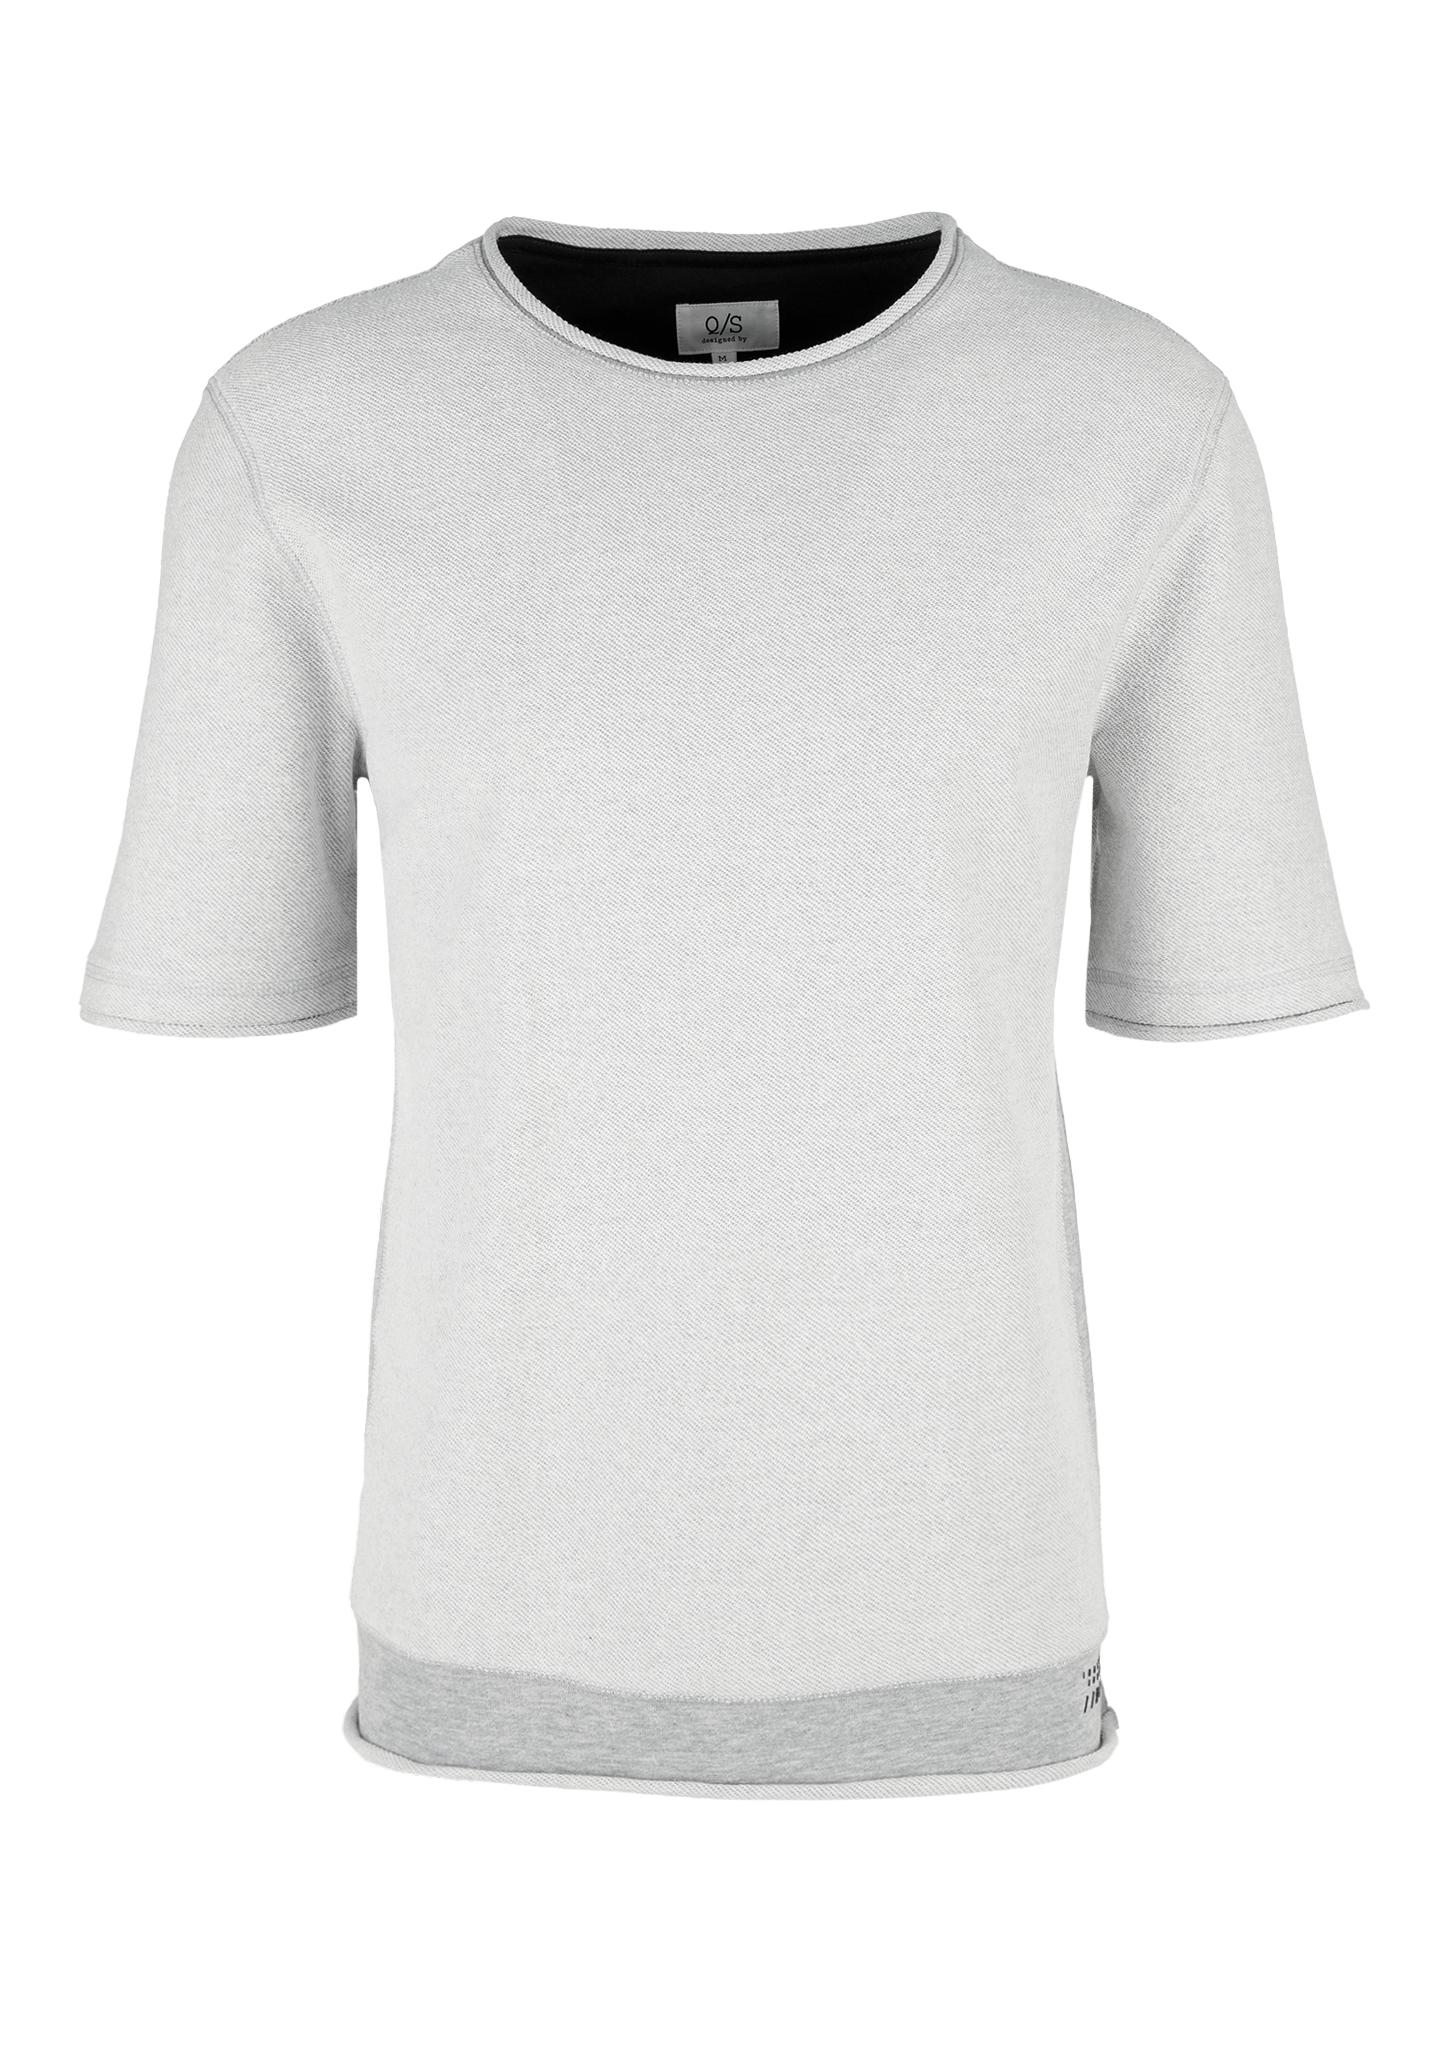 Sweatshirt | Bekleidung > Sweatshirts & -jacken > Sweatshirts | Grau | 90% baumwolle -  10% viskose | Q/S designed by